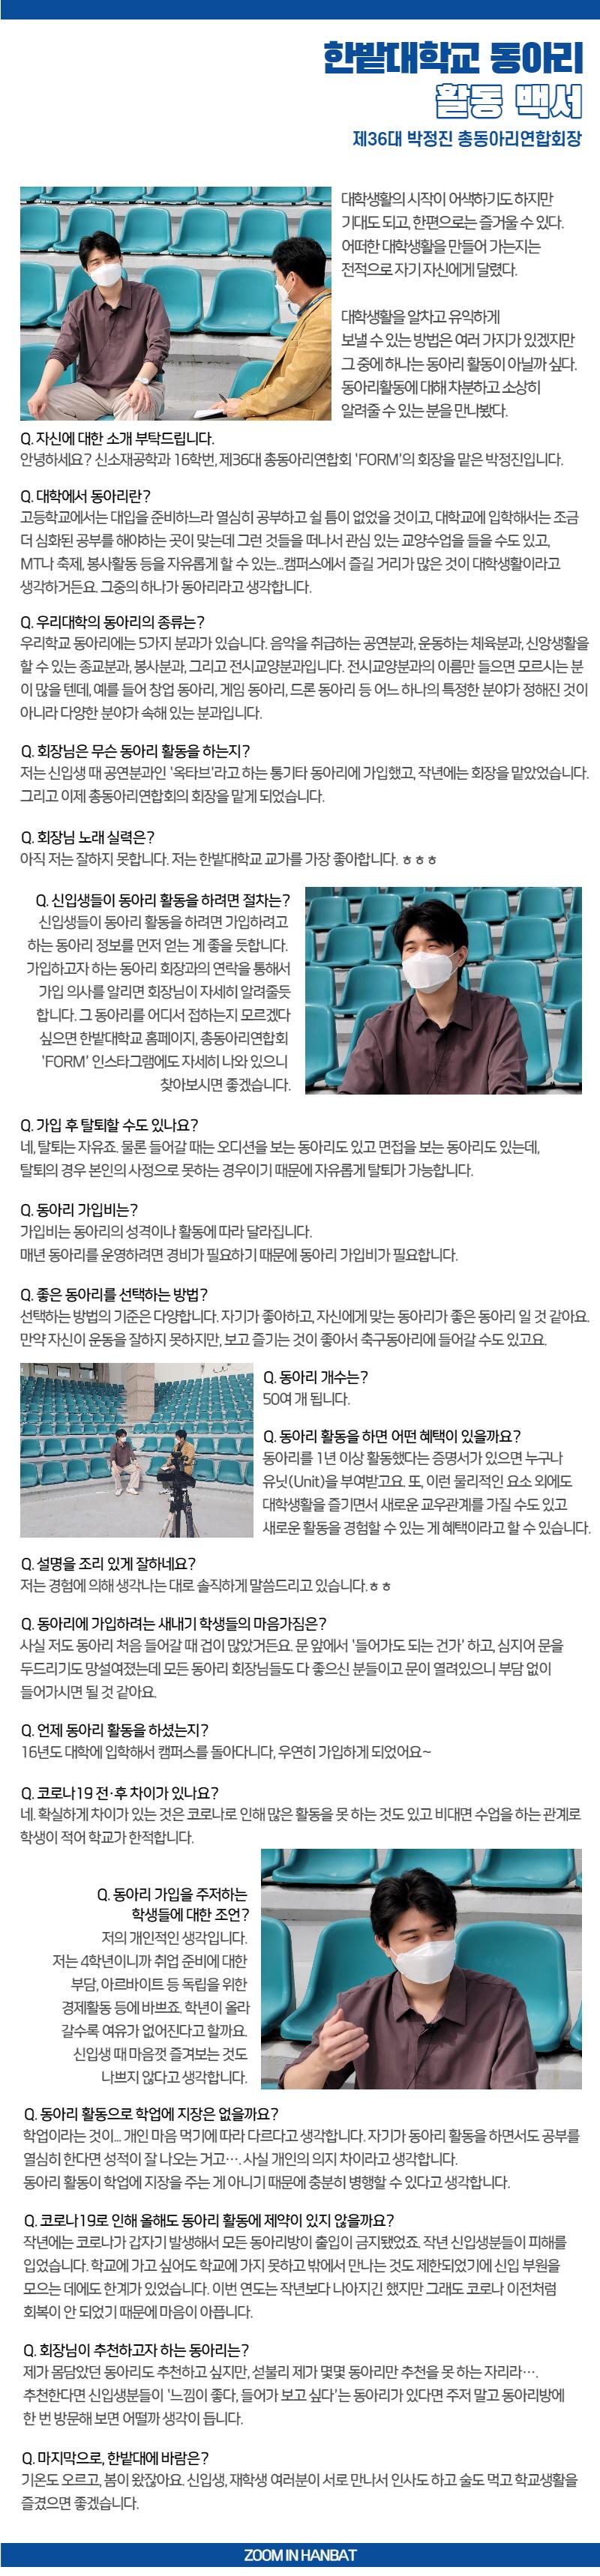 박정진 총동아리연합회장(동아리 활동 백서)